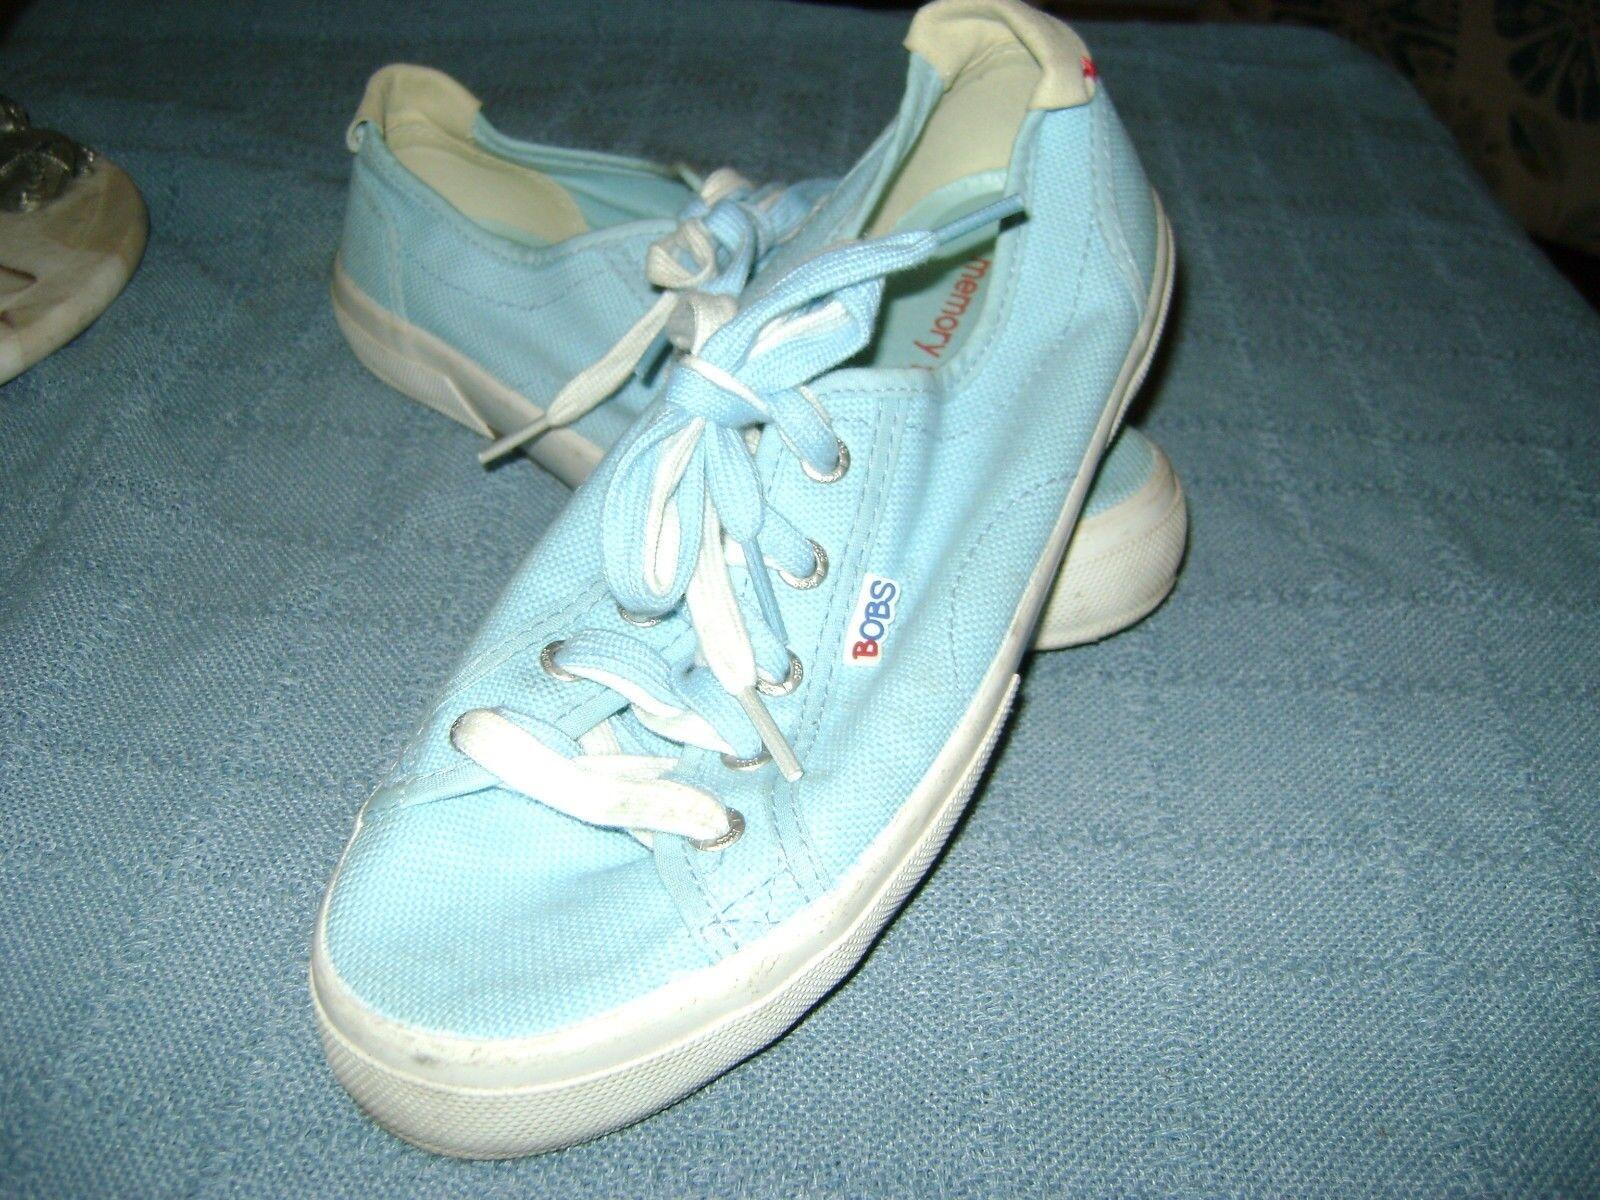 WOMEN SKECHERS 33616 BOBS LE CLUB BRENTWOOD LT blueE WHITE Memory Foam SHOES 9